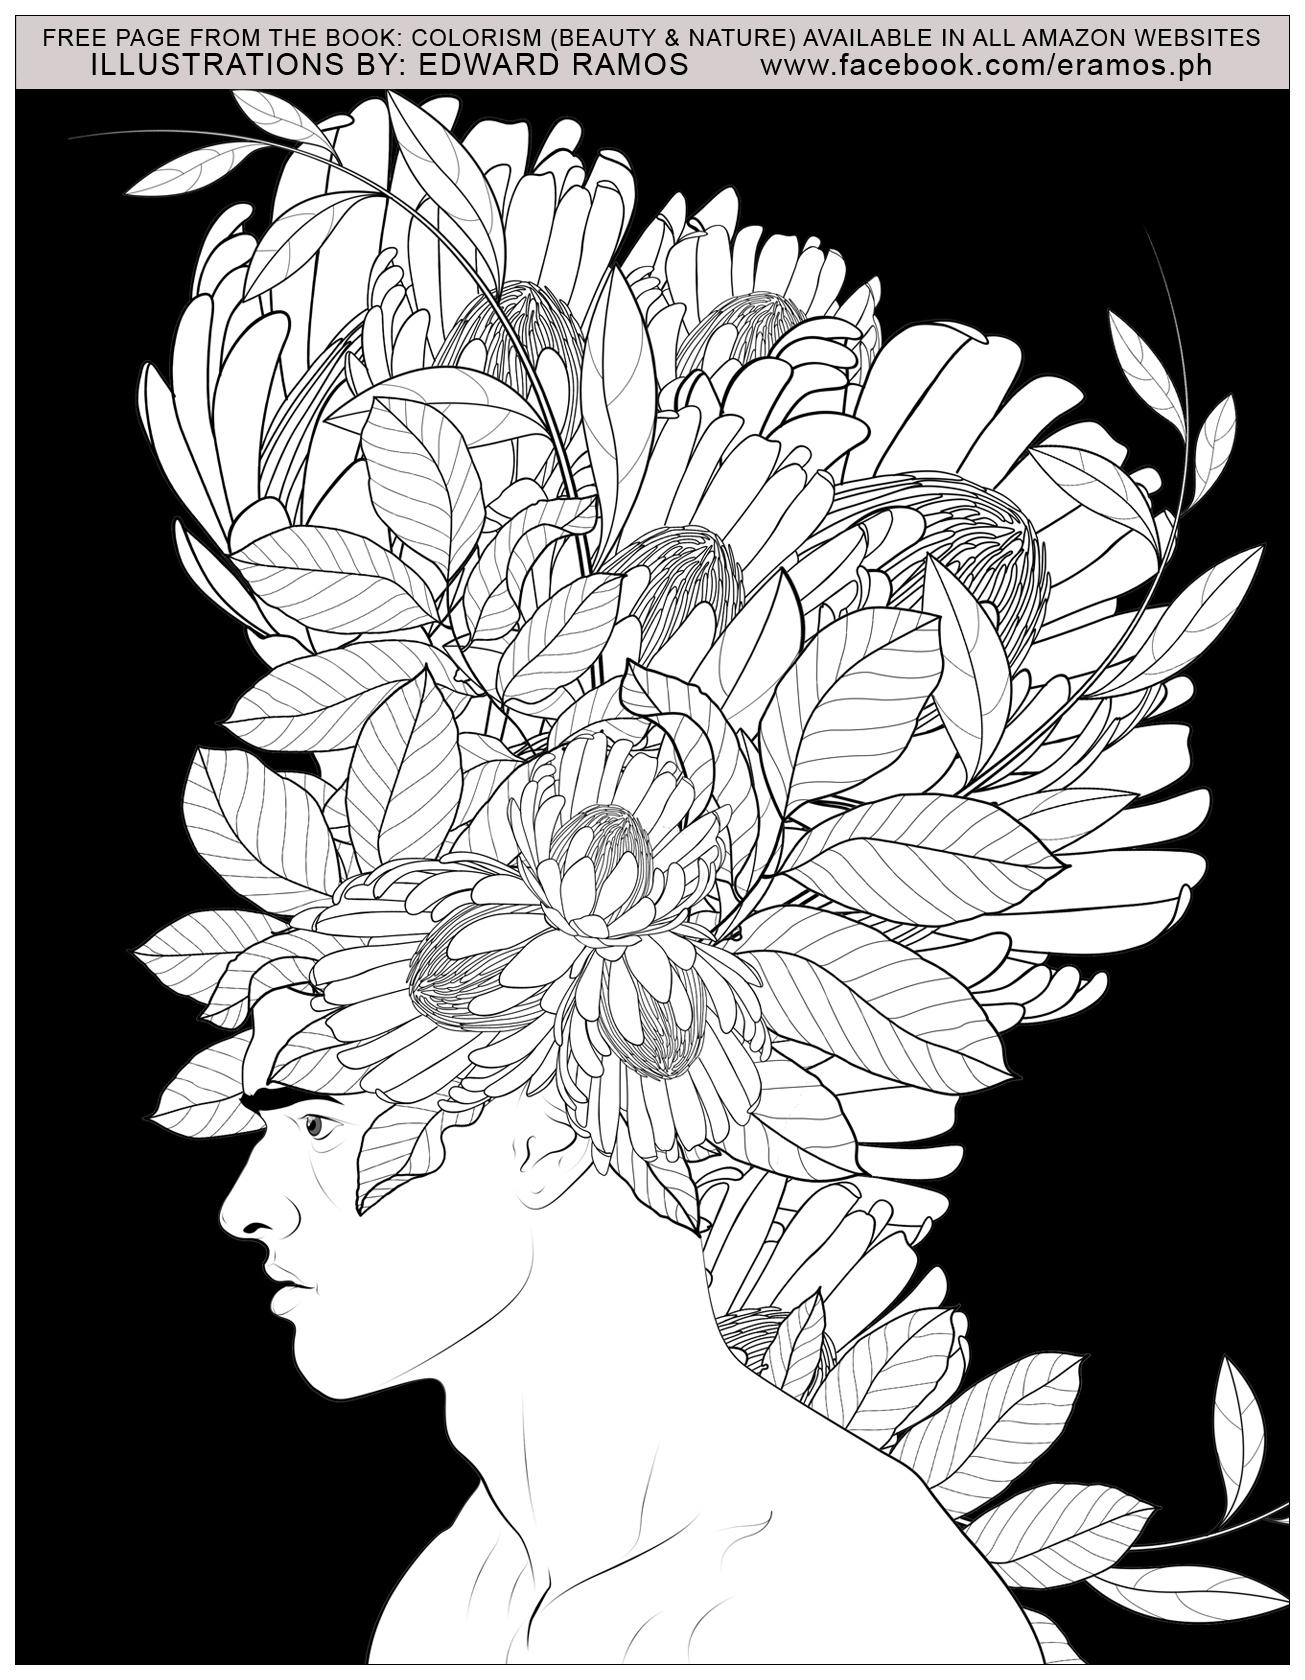 Illustration tirée du livre ' Colorism: Beauty & Nature' d'Edward Ramos - 12